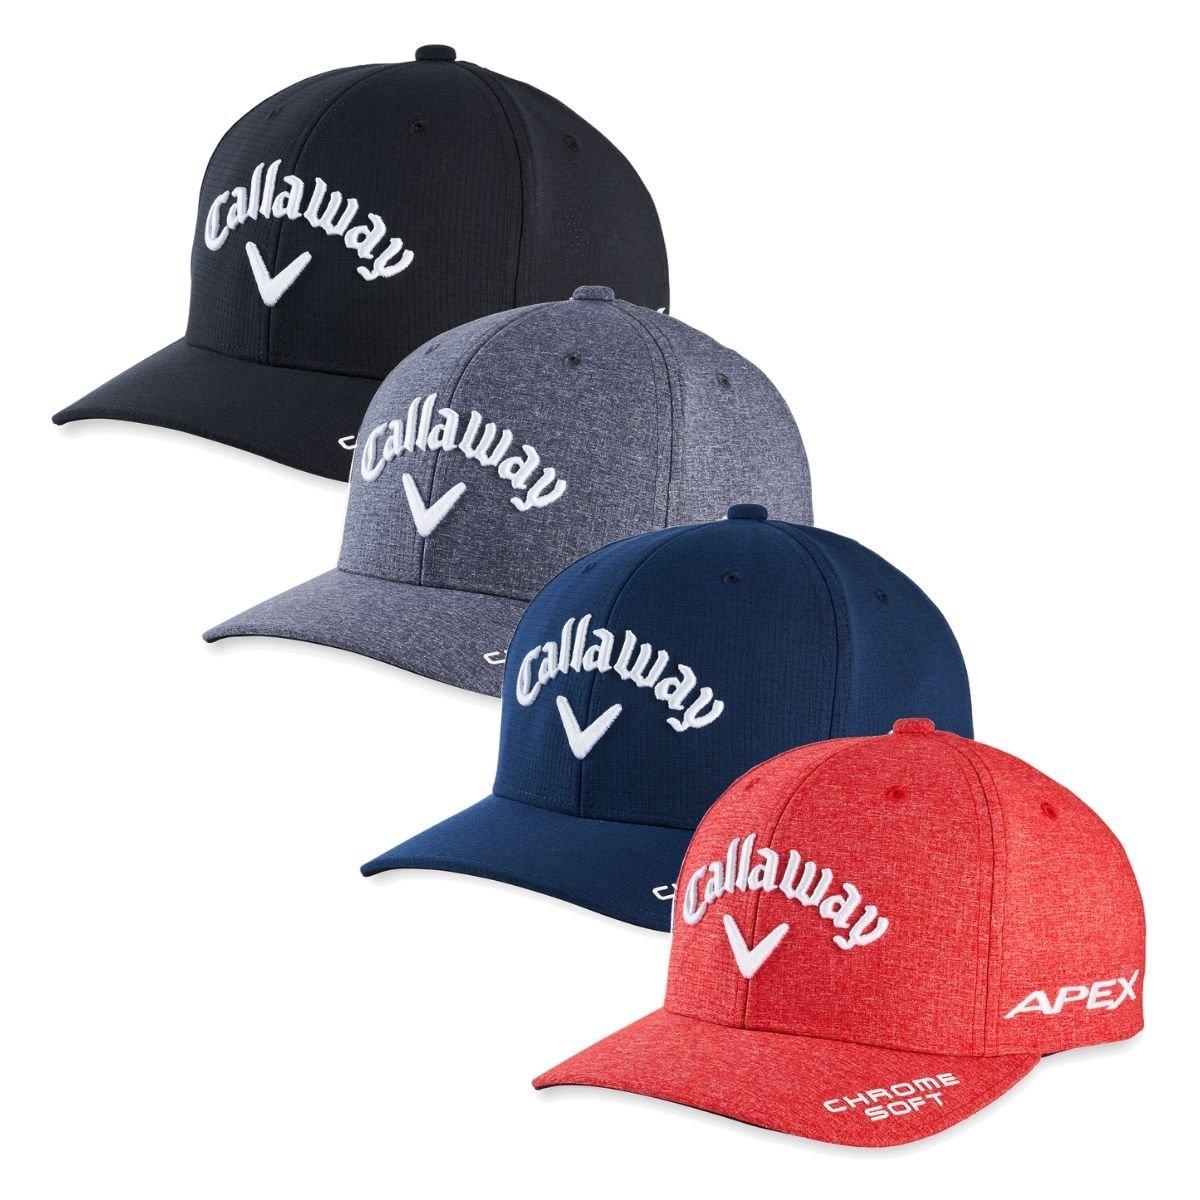 Callaway Men's 2021 Tour Authentic Performance Pro Hat